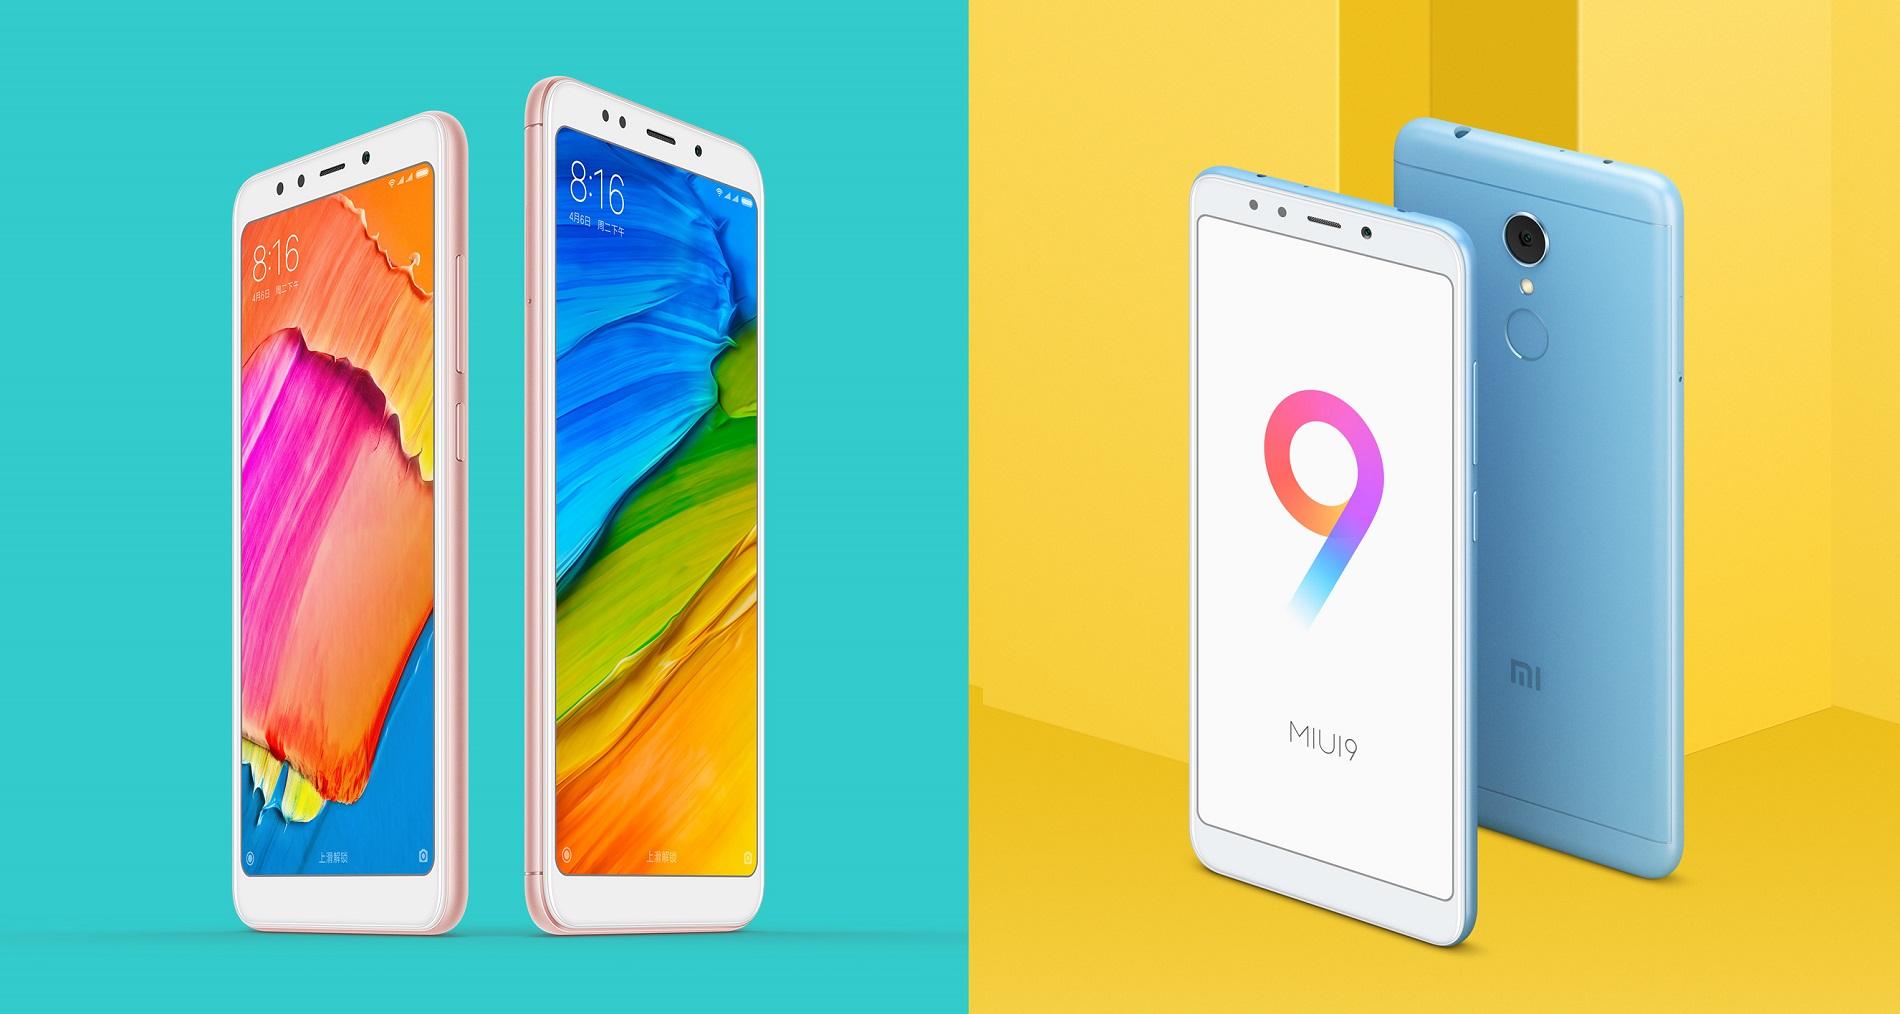 Xiaomi Redmi 5 und Redmi 5 Plus vorgestellt: Specs und Preise